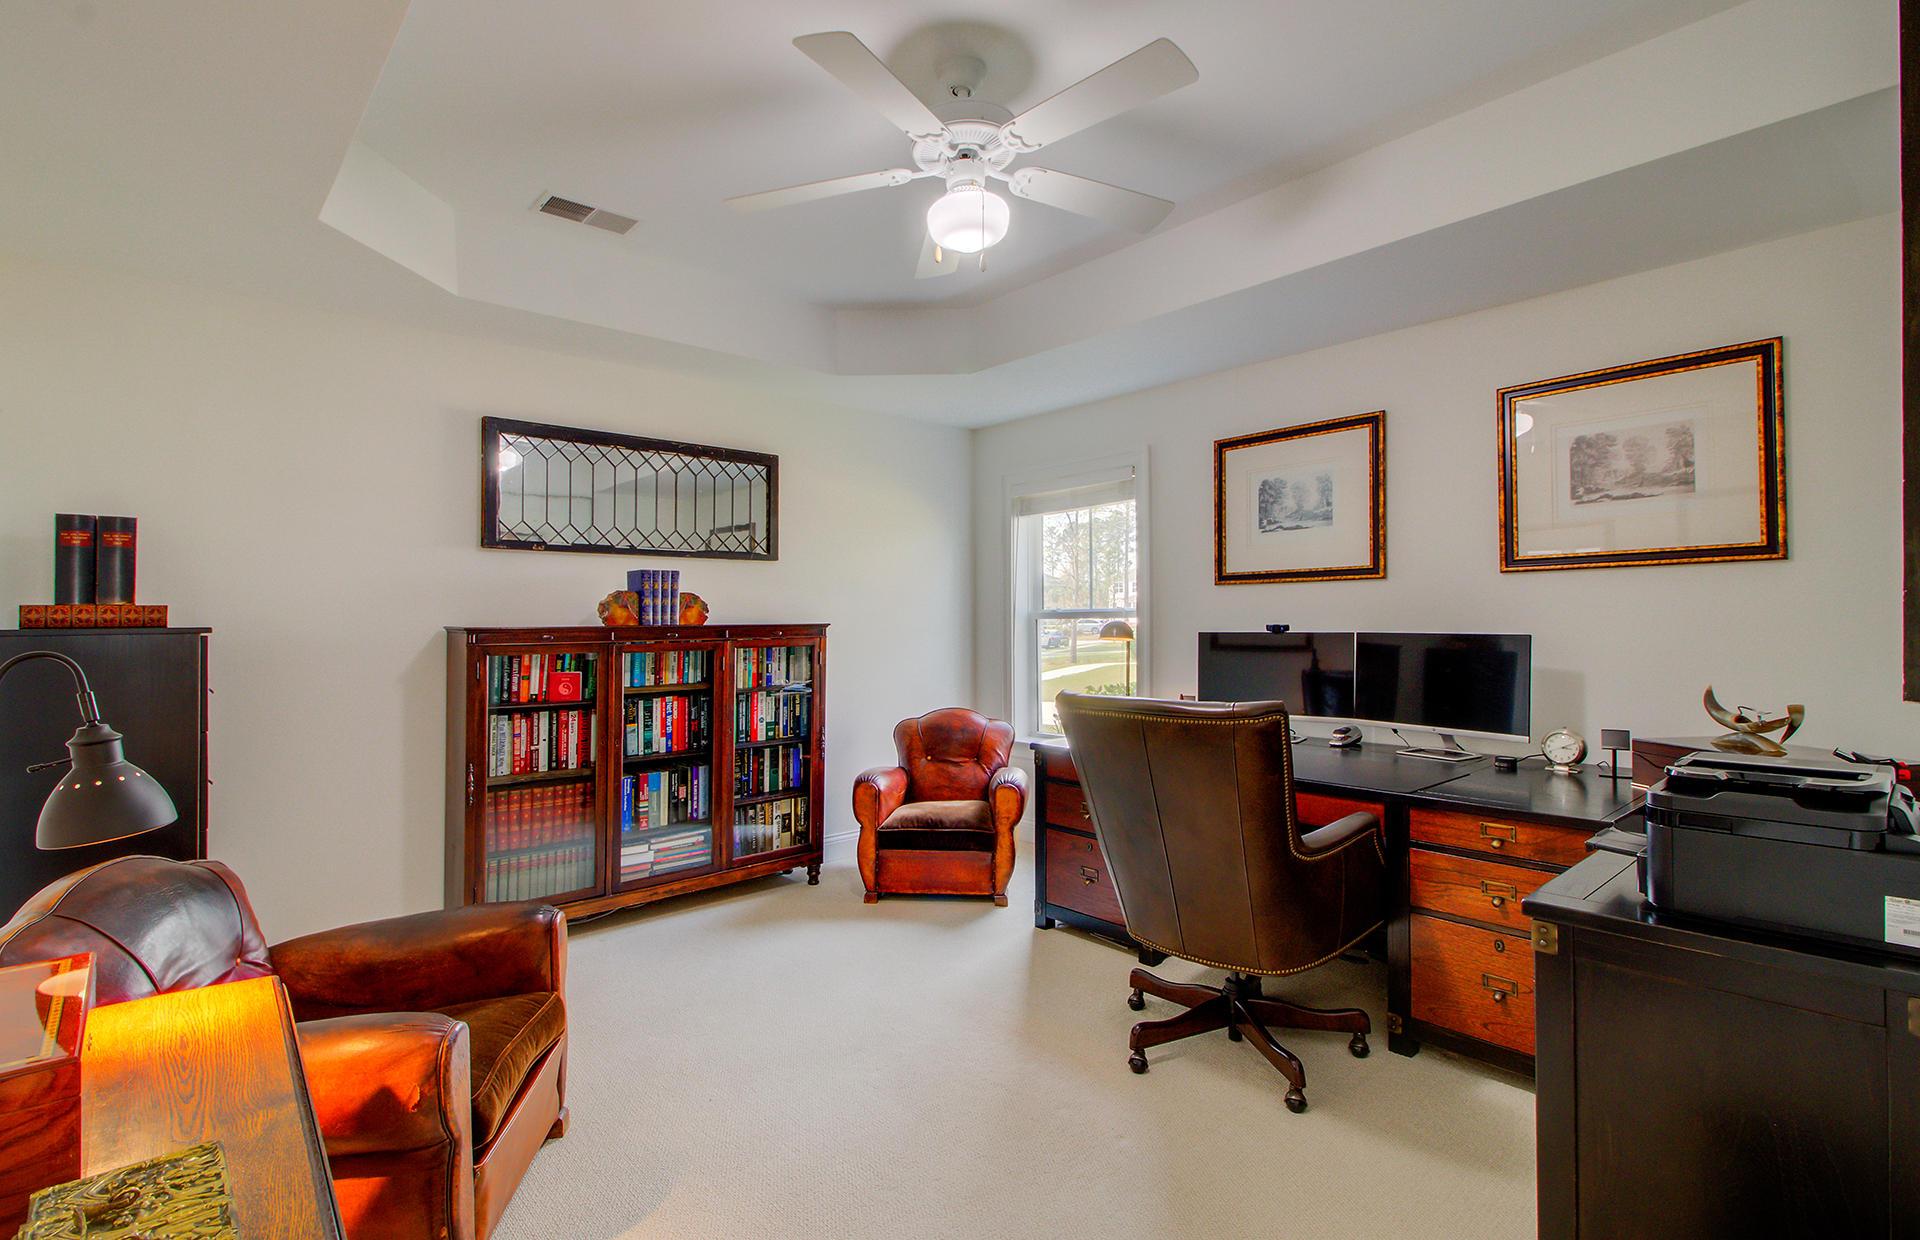 Dunes West Homes For Sale - 2913 Yachtsman, Mount Pleasant, SC - 0